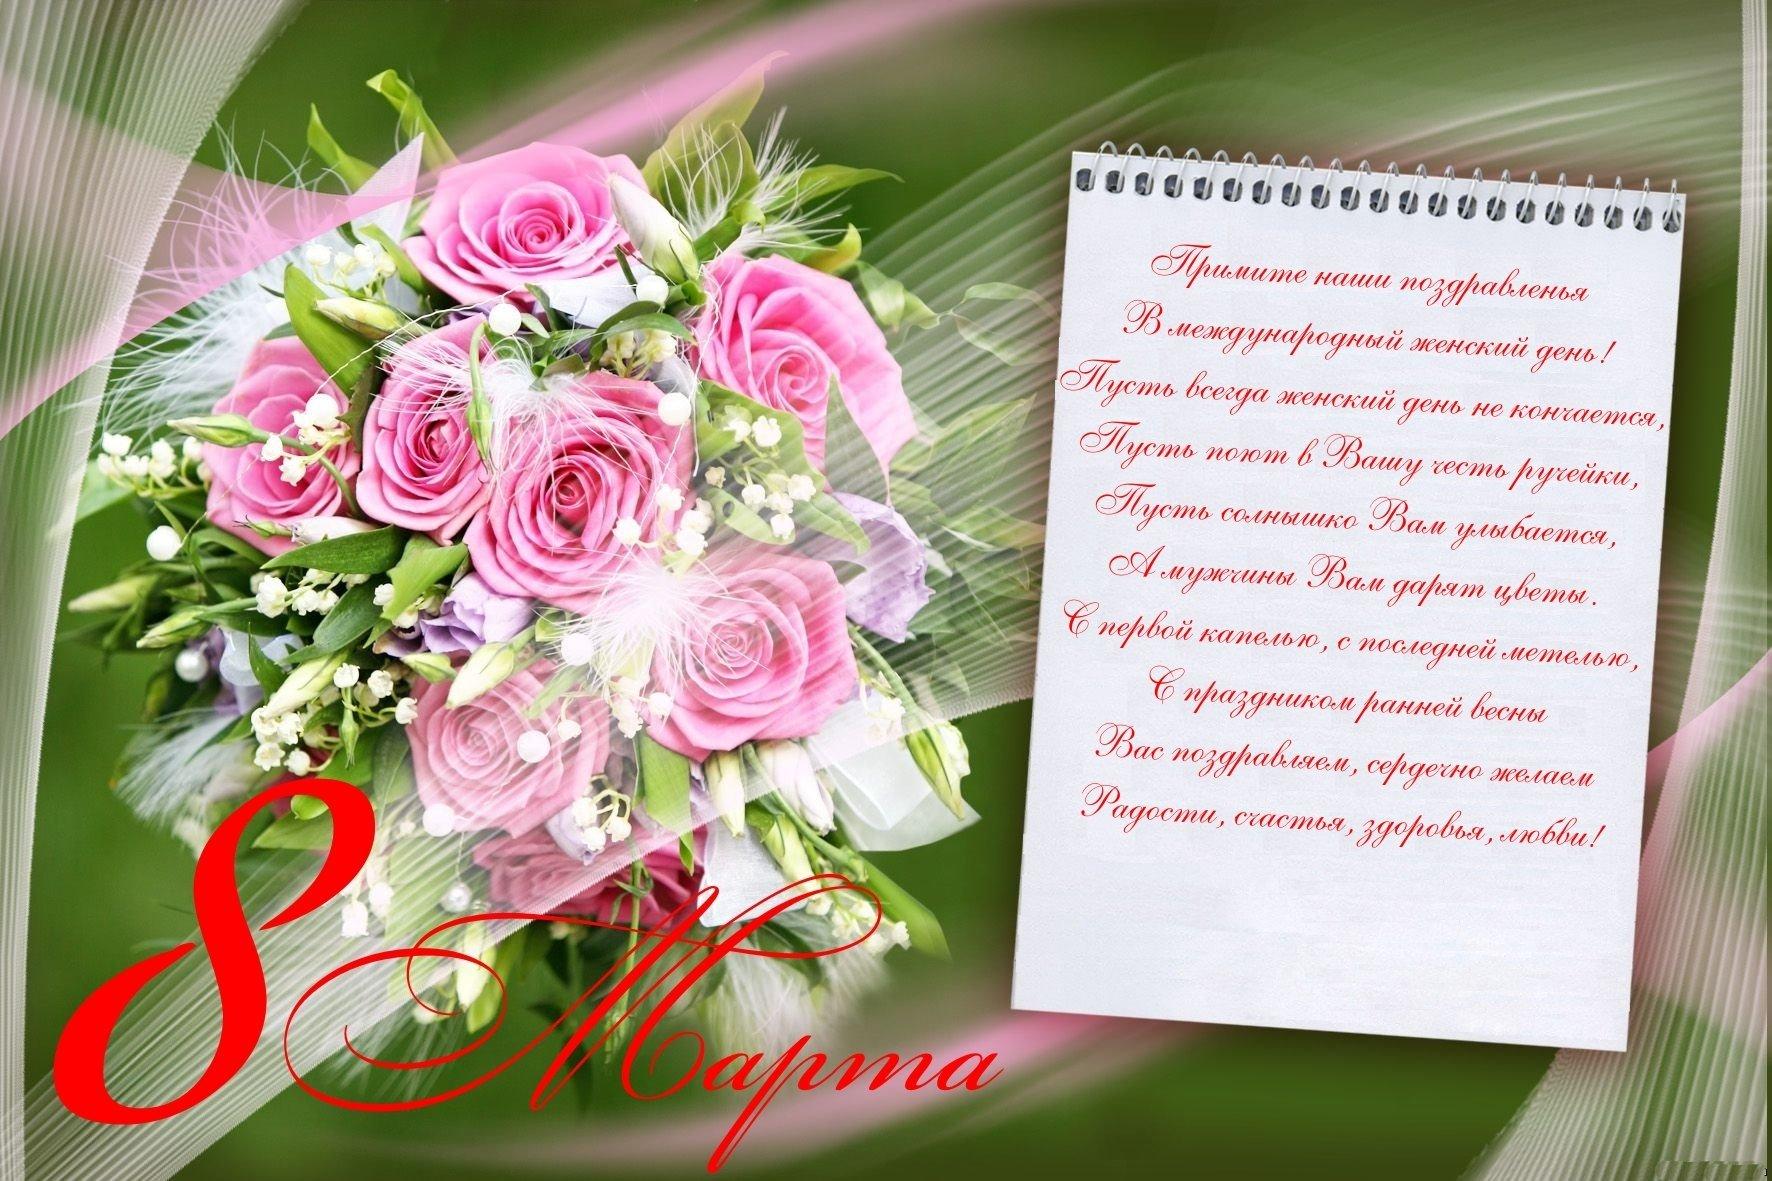 http://www.bugaga.ru/uploads/posts/2013-03/1362639085_kartinki-pozdravleniya-na-8-marta-6.jpg